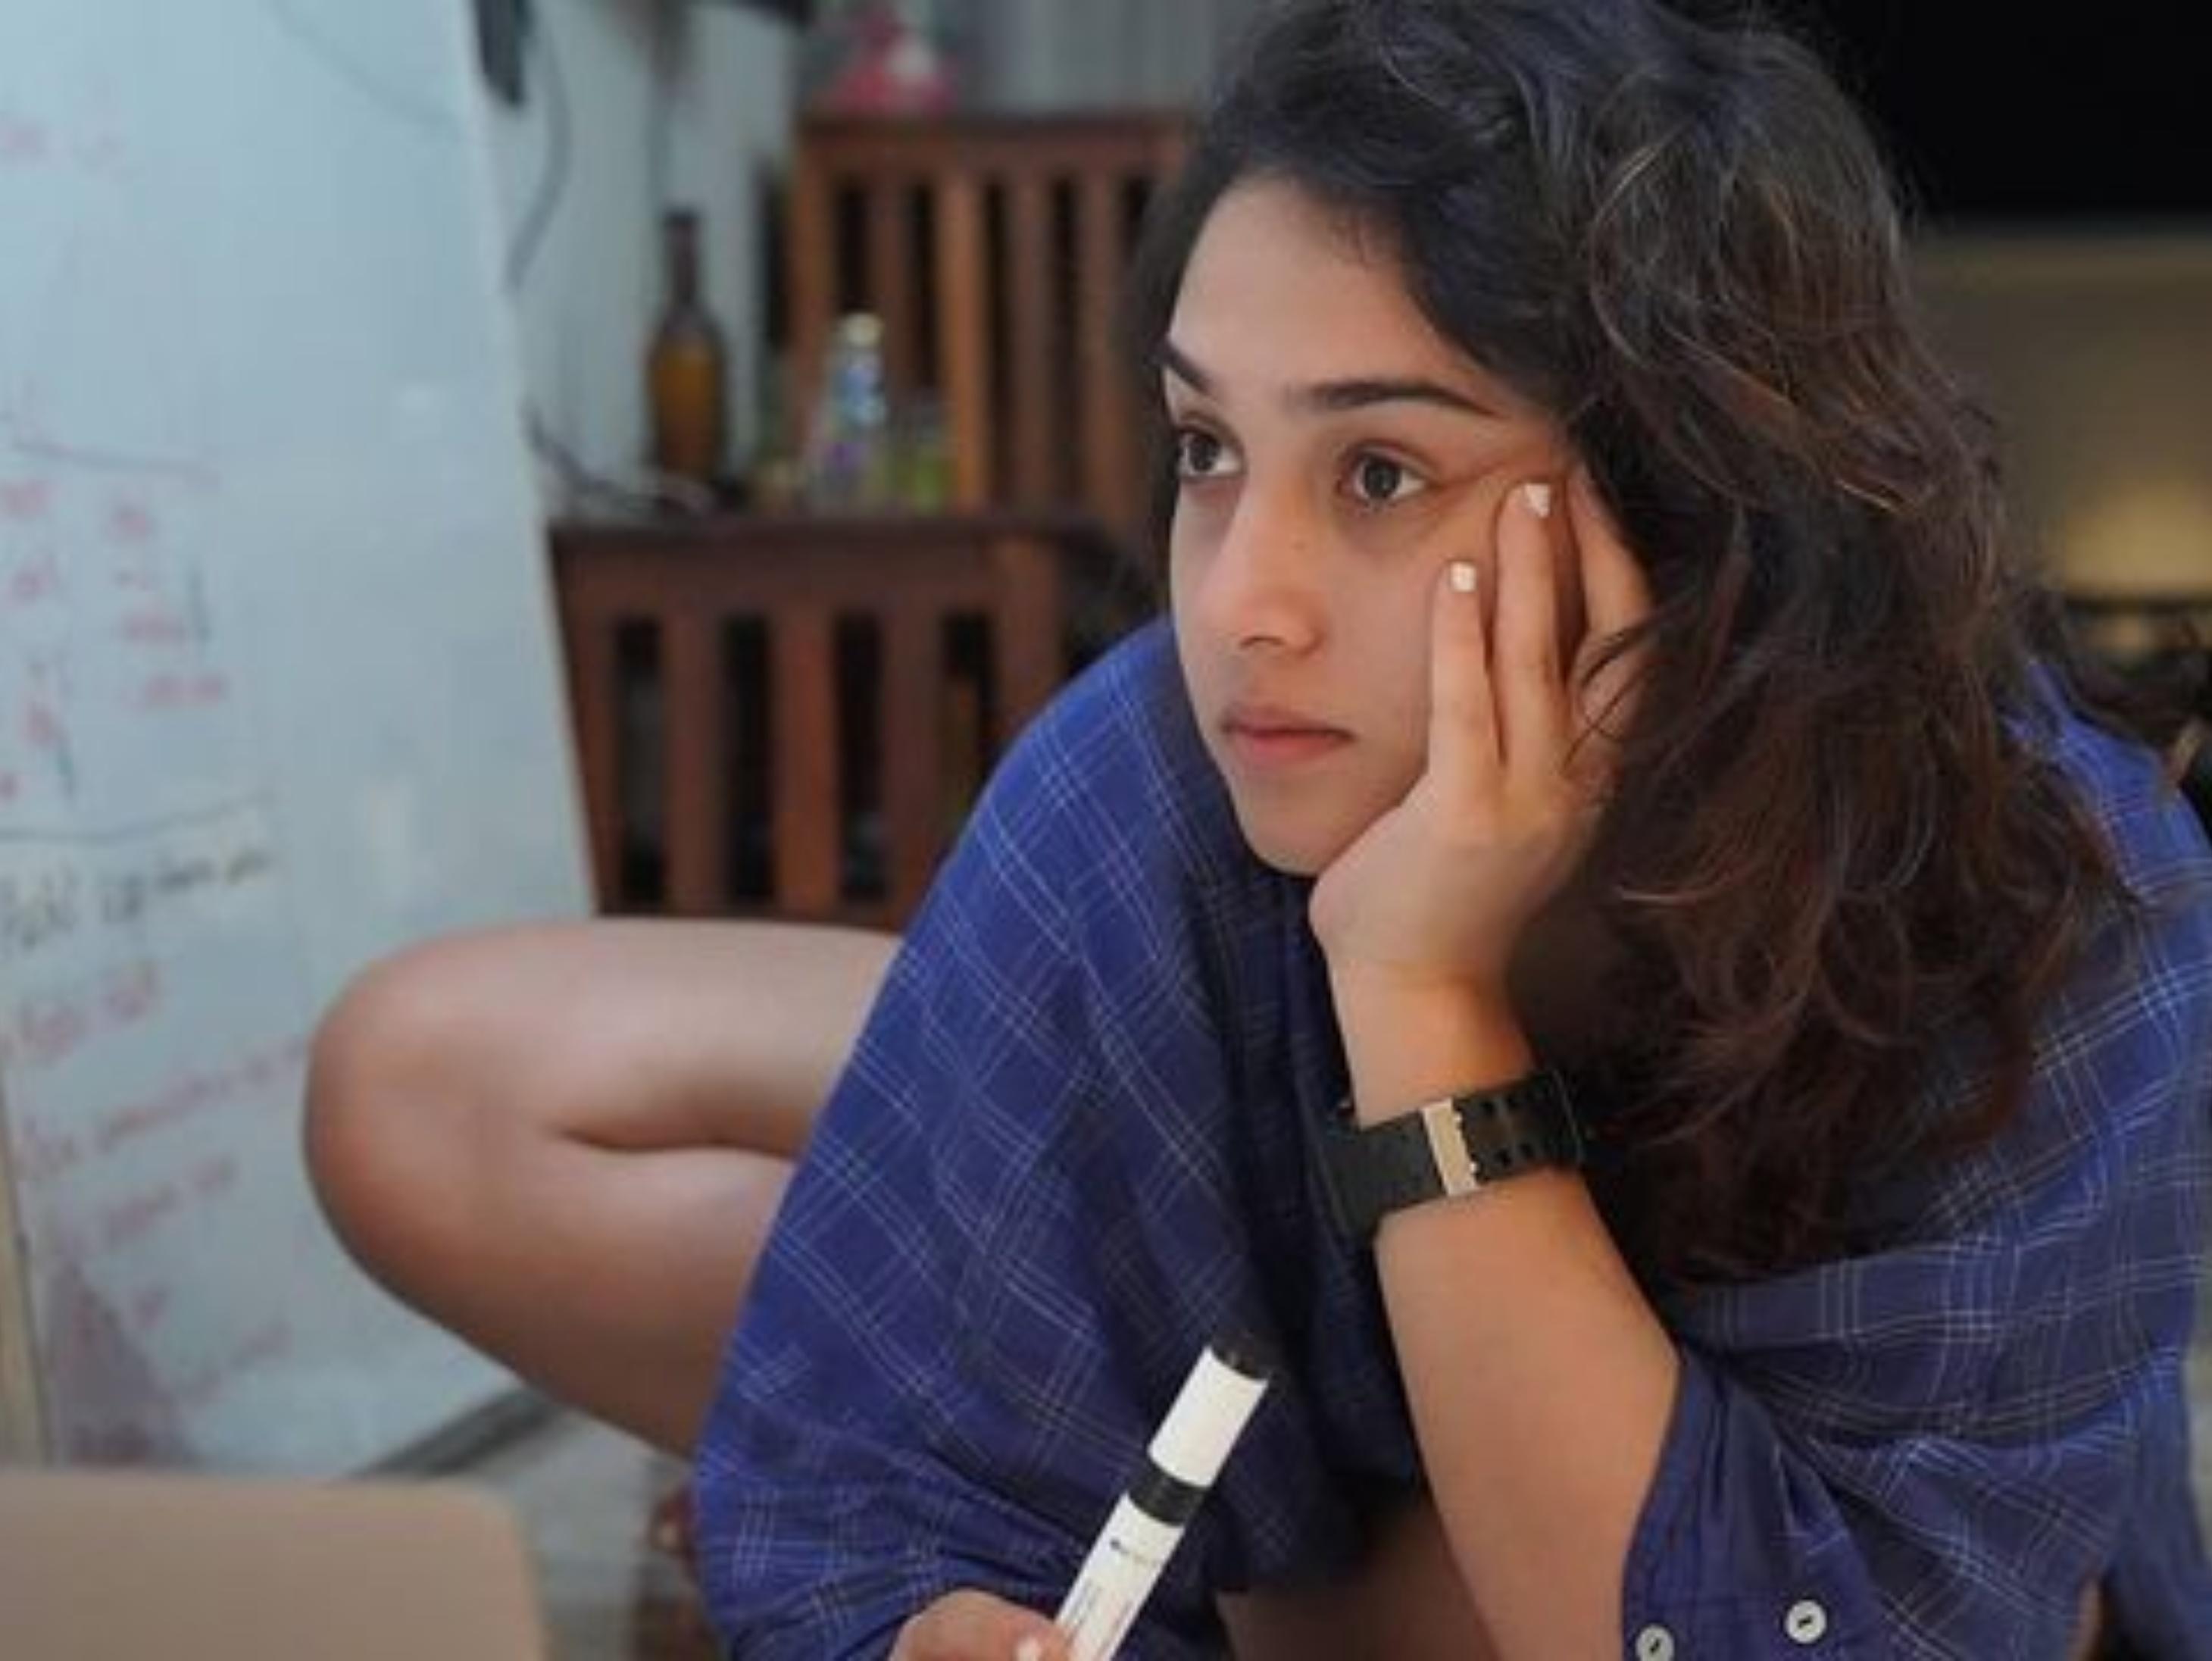 खुद को इरा लिखने-बोलने पर भड़की आमिर की बेटी, कहा- मेरा नाम आइरा है, अब गलत बोला तो 5 हजार देने पड़ेंगे बॉलीवुड,Bollywood - Dainik Bhaskar